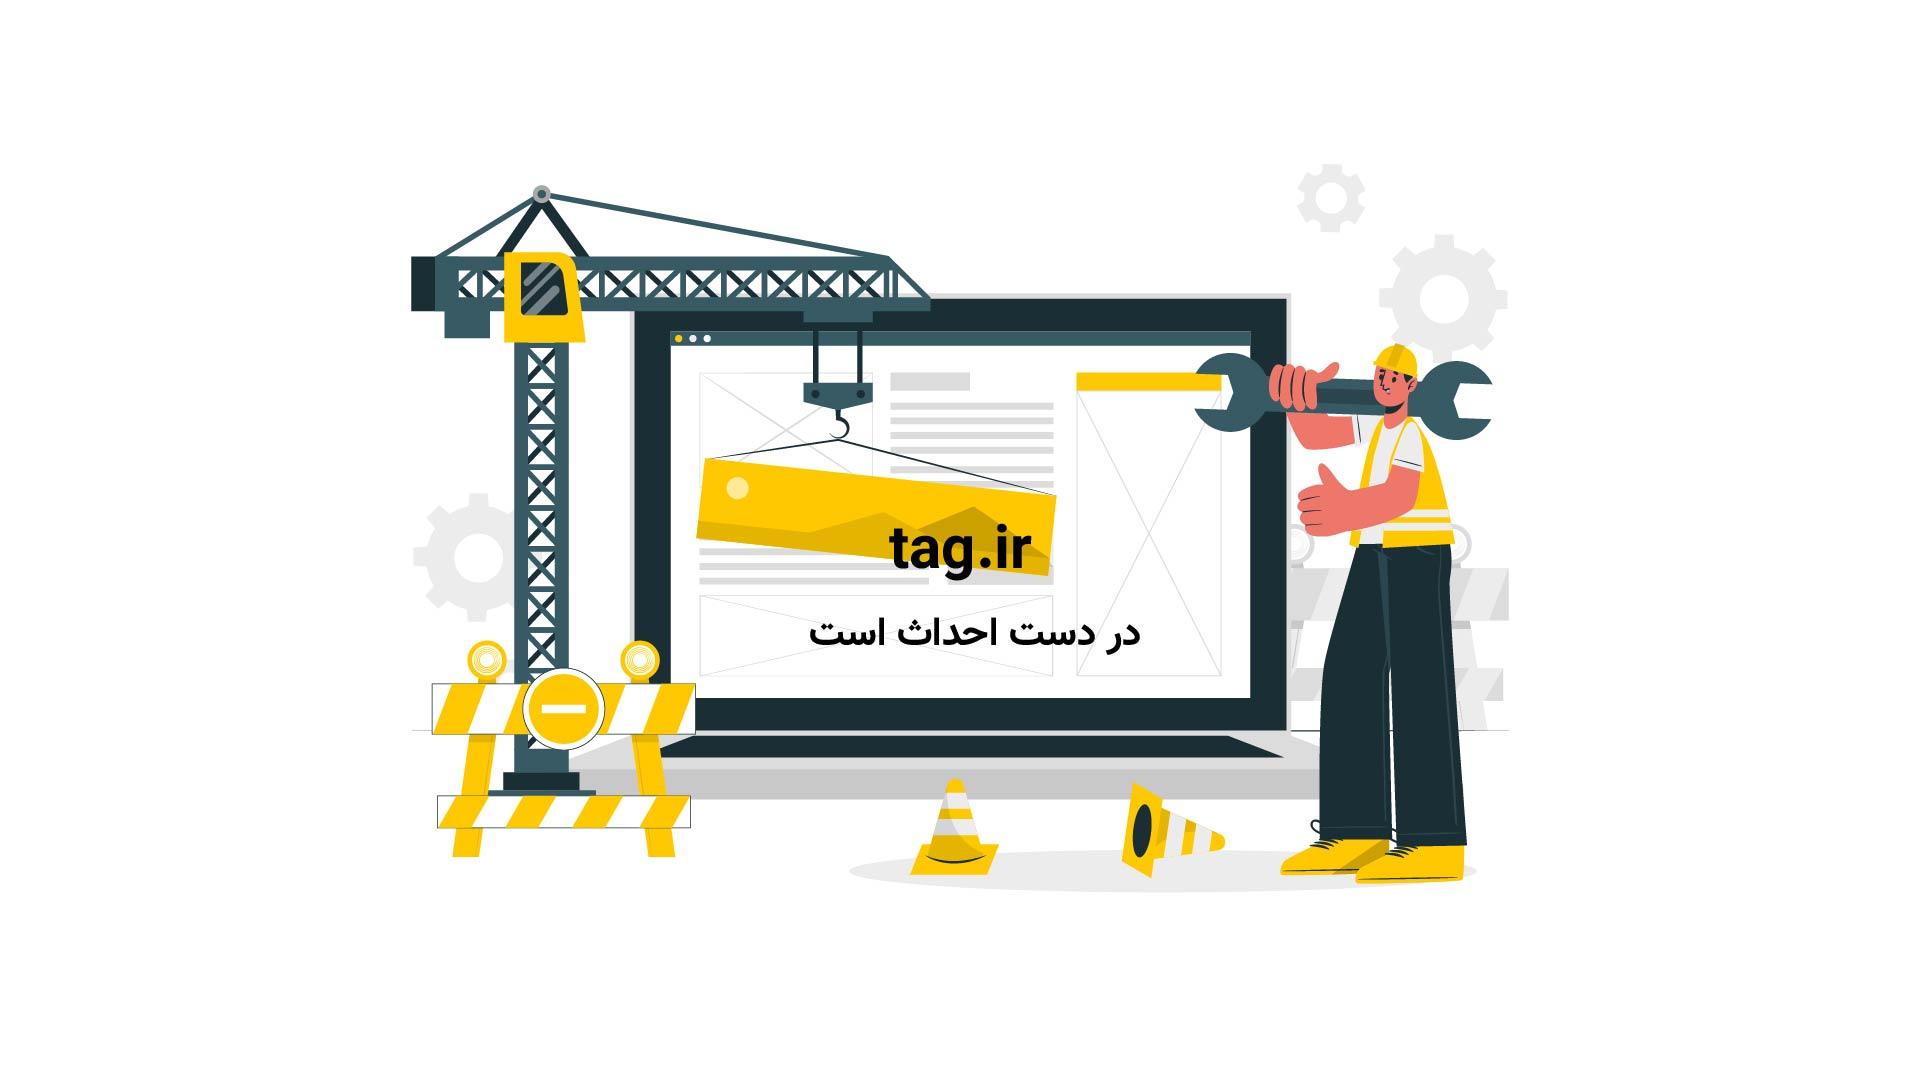 محمد رضا گلزار جشن حافظ | تگ